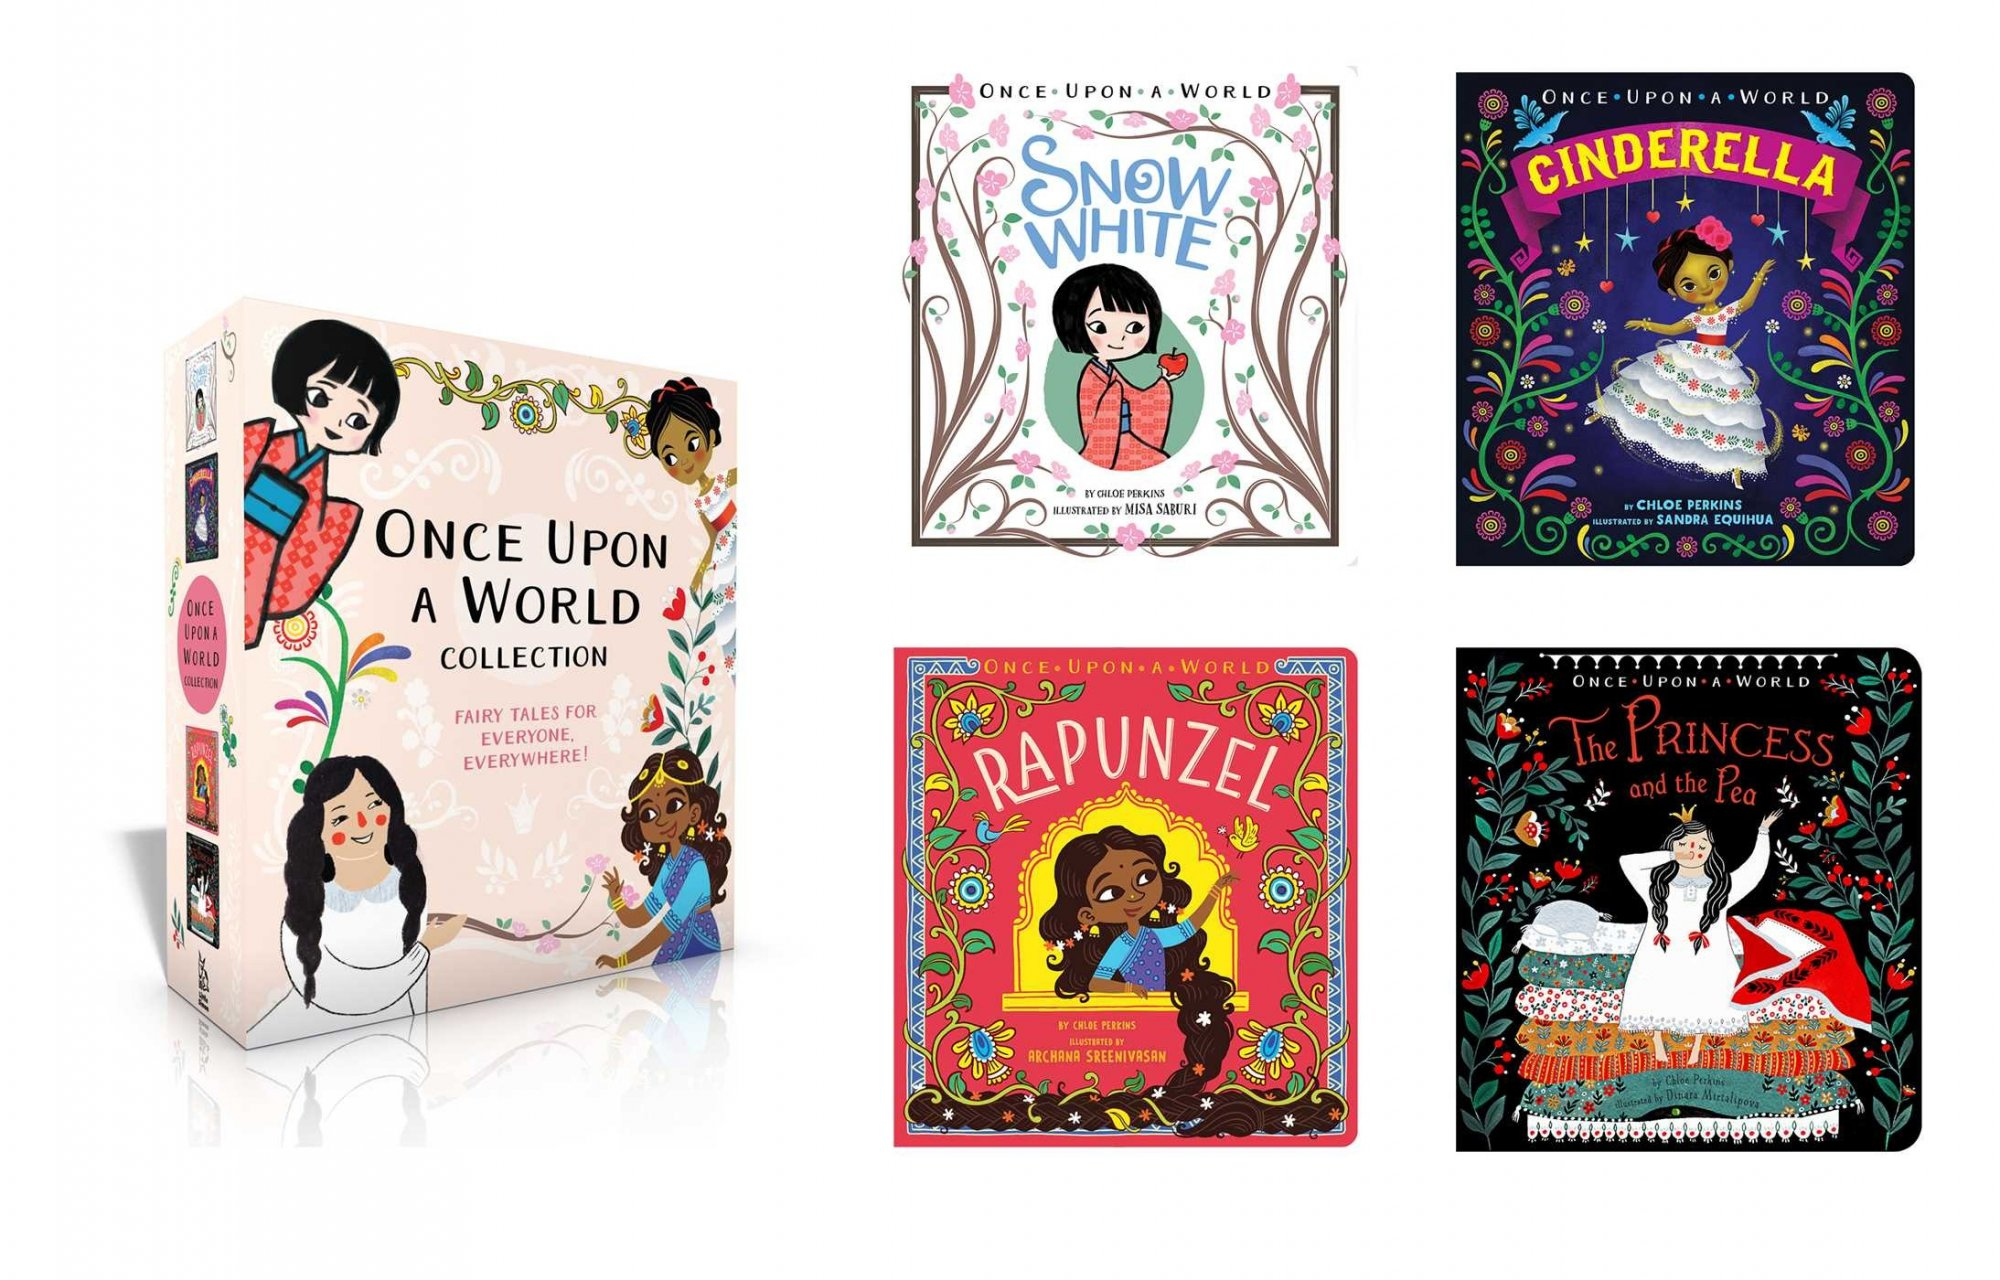 Once Upon a World Princess Box Collection